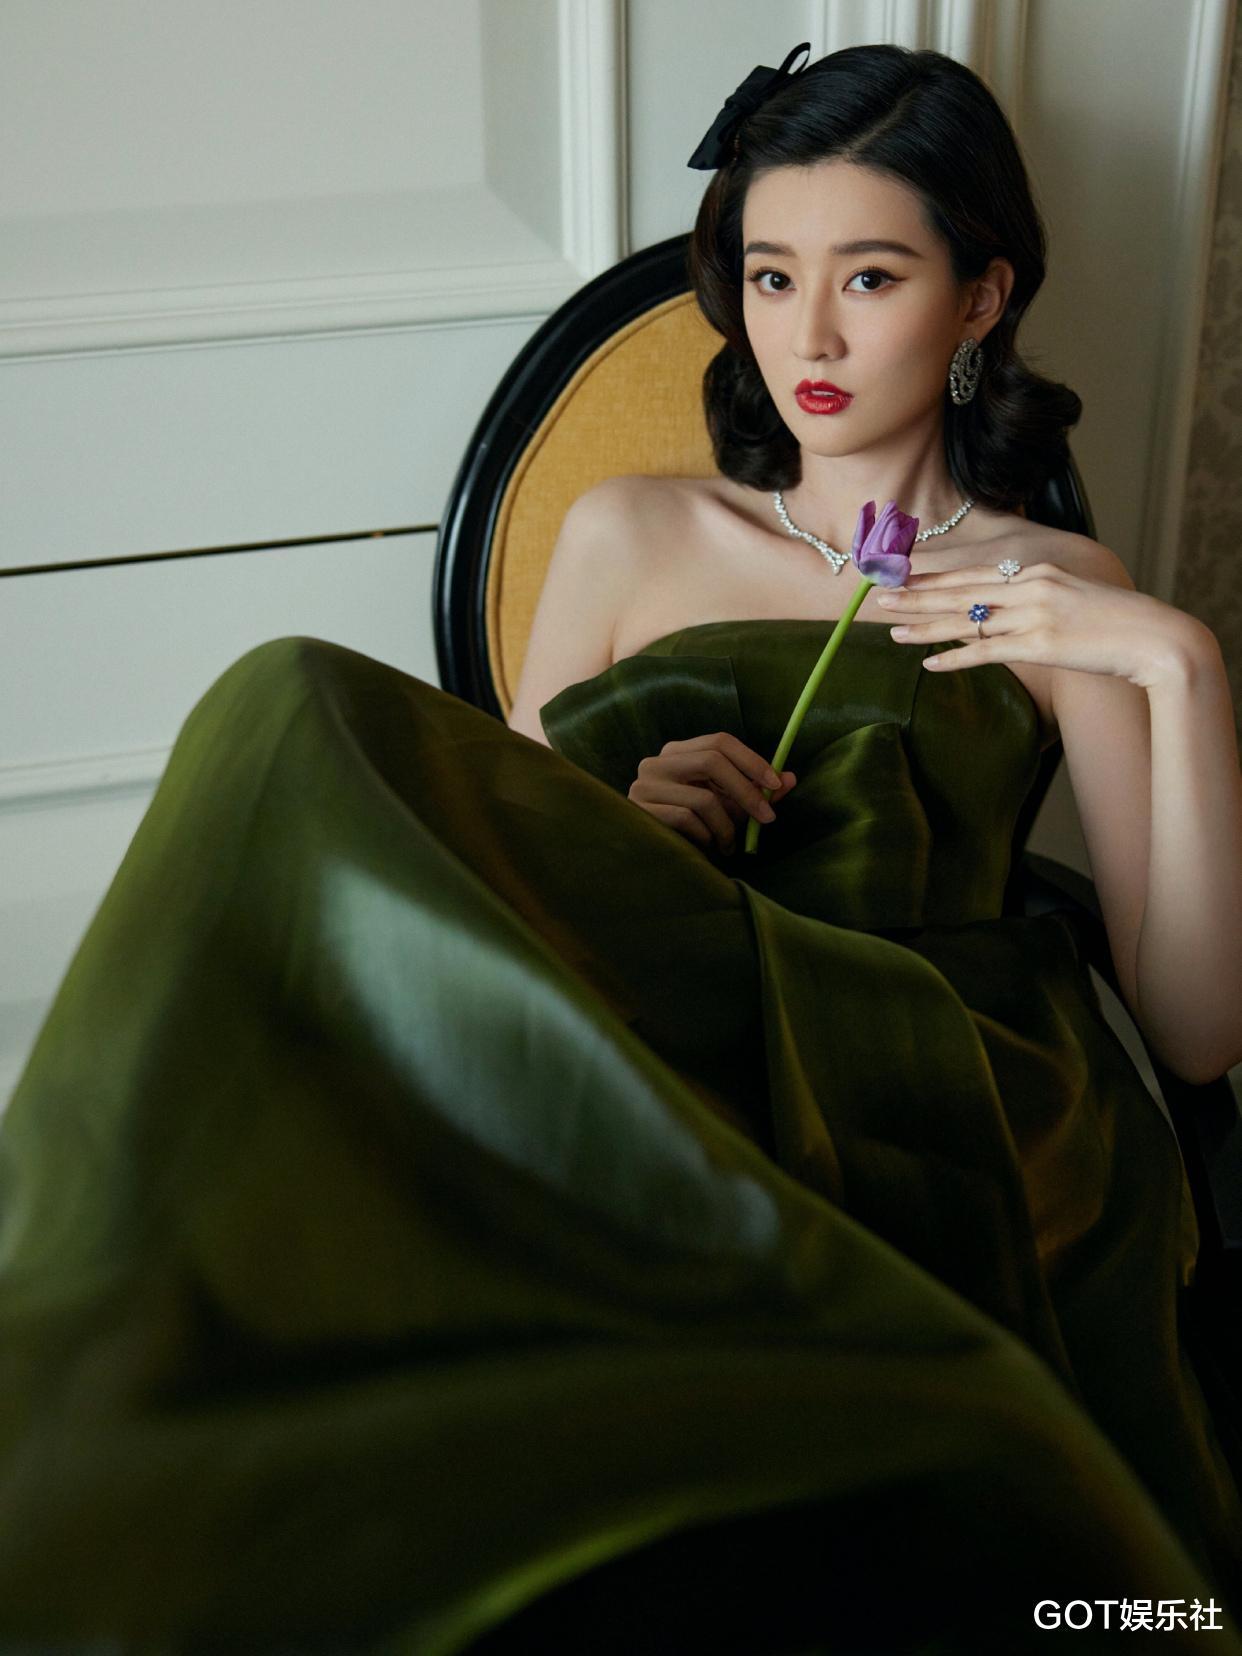 風尚大典明星造型來瞭! 楊冪黑白兩套禮服, 唐嫣天鵝公主裙驚艷-圖12